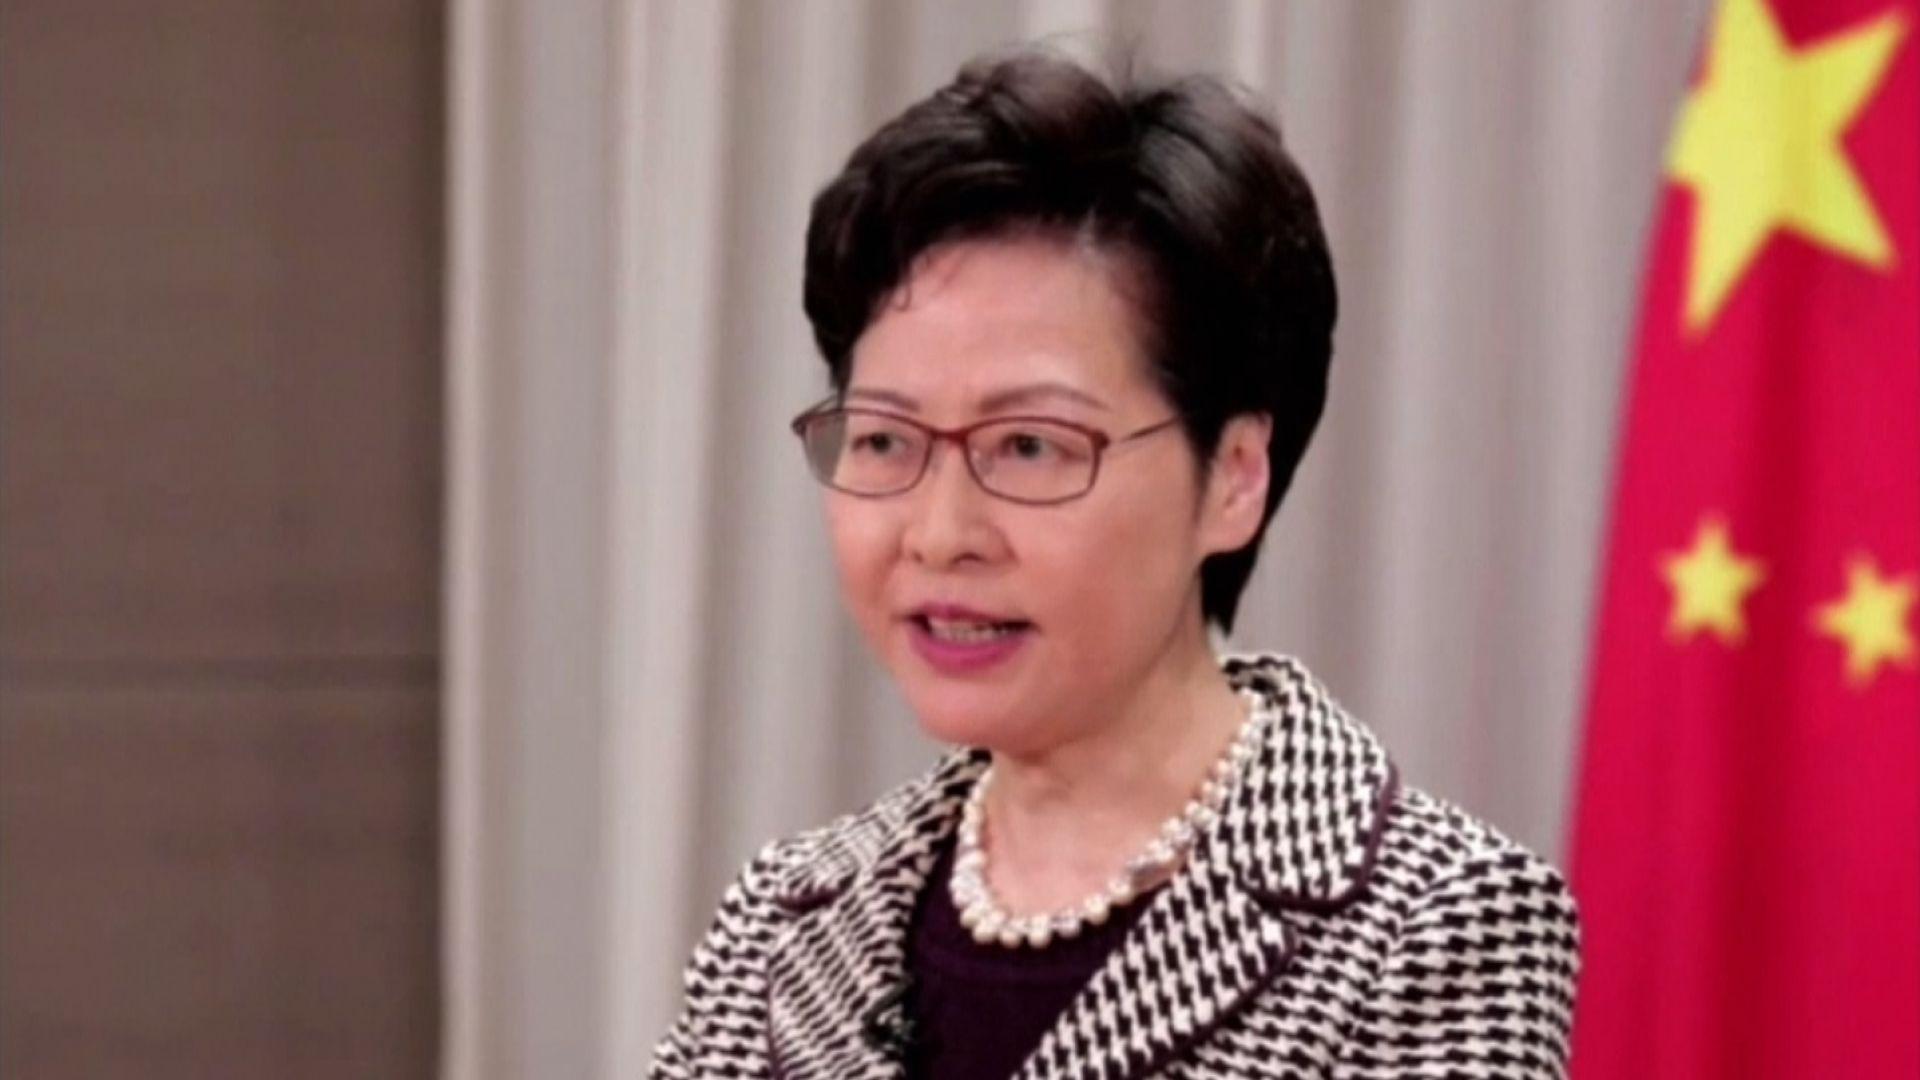 林鄭:國安法保障人權 外國反對乃雙重標準